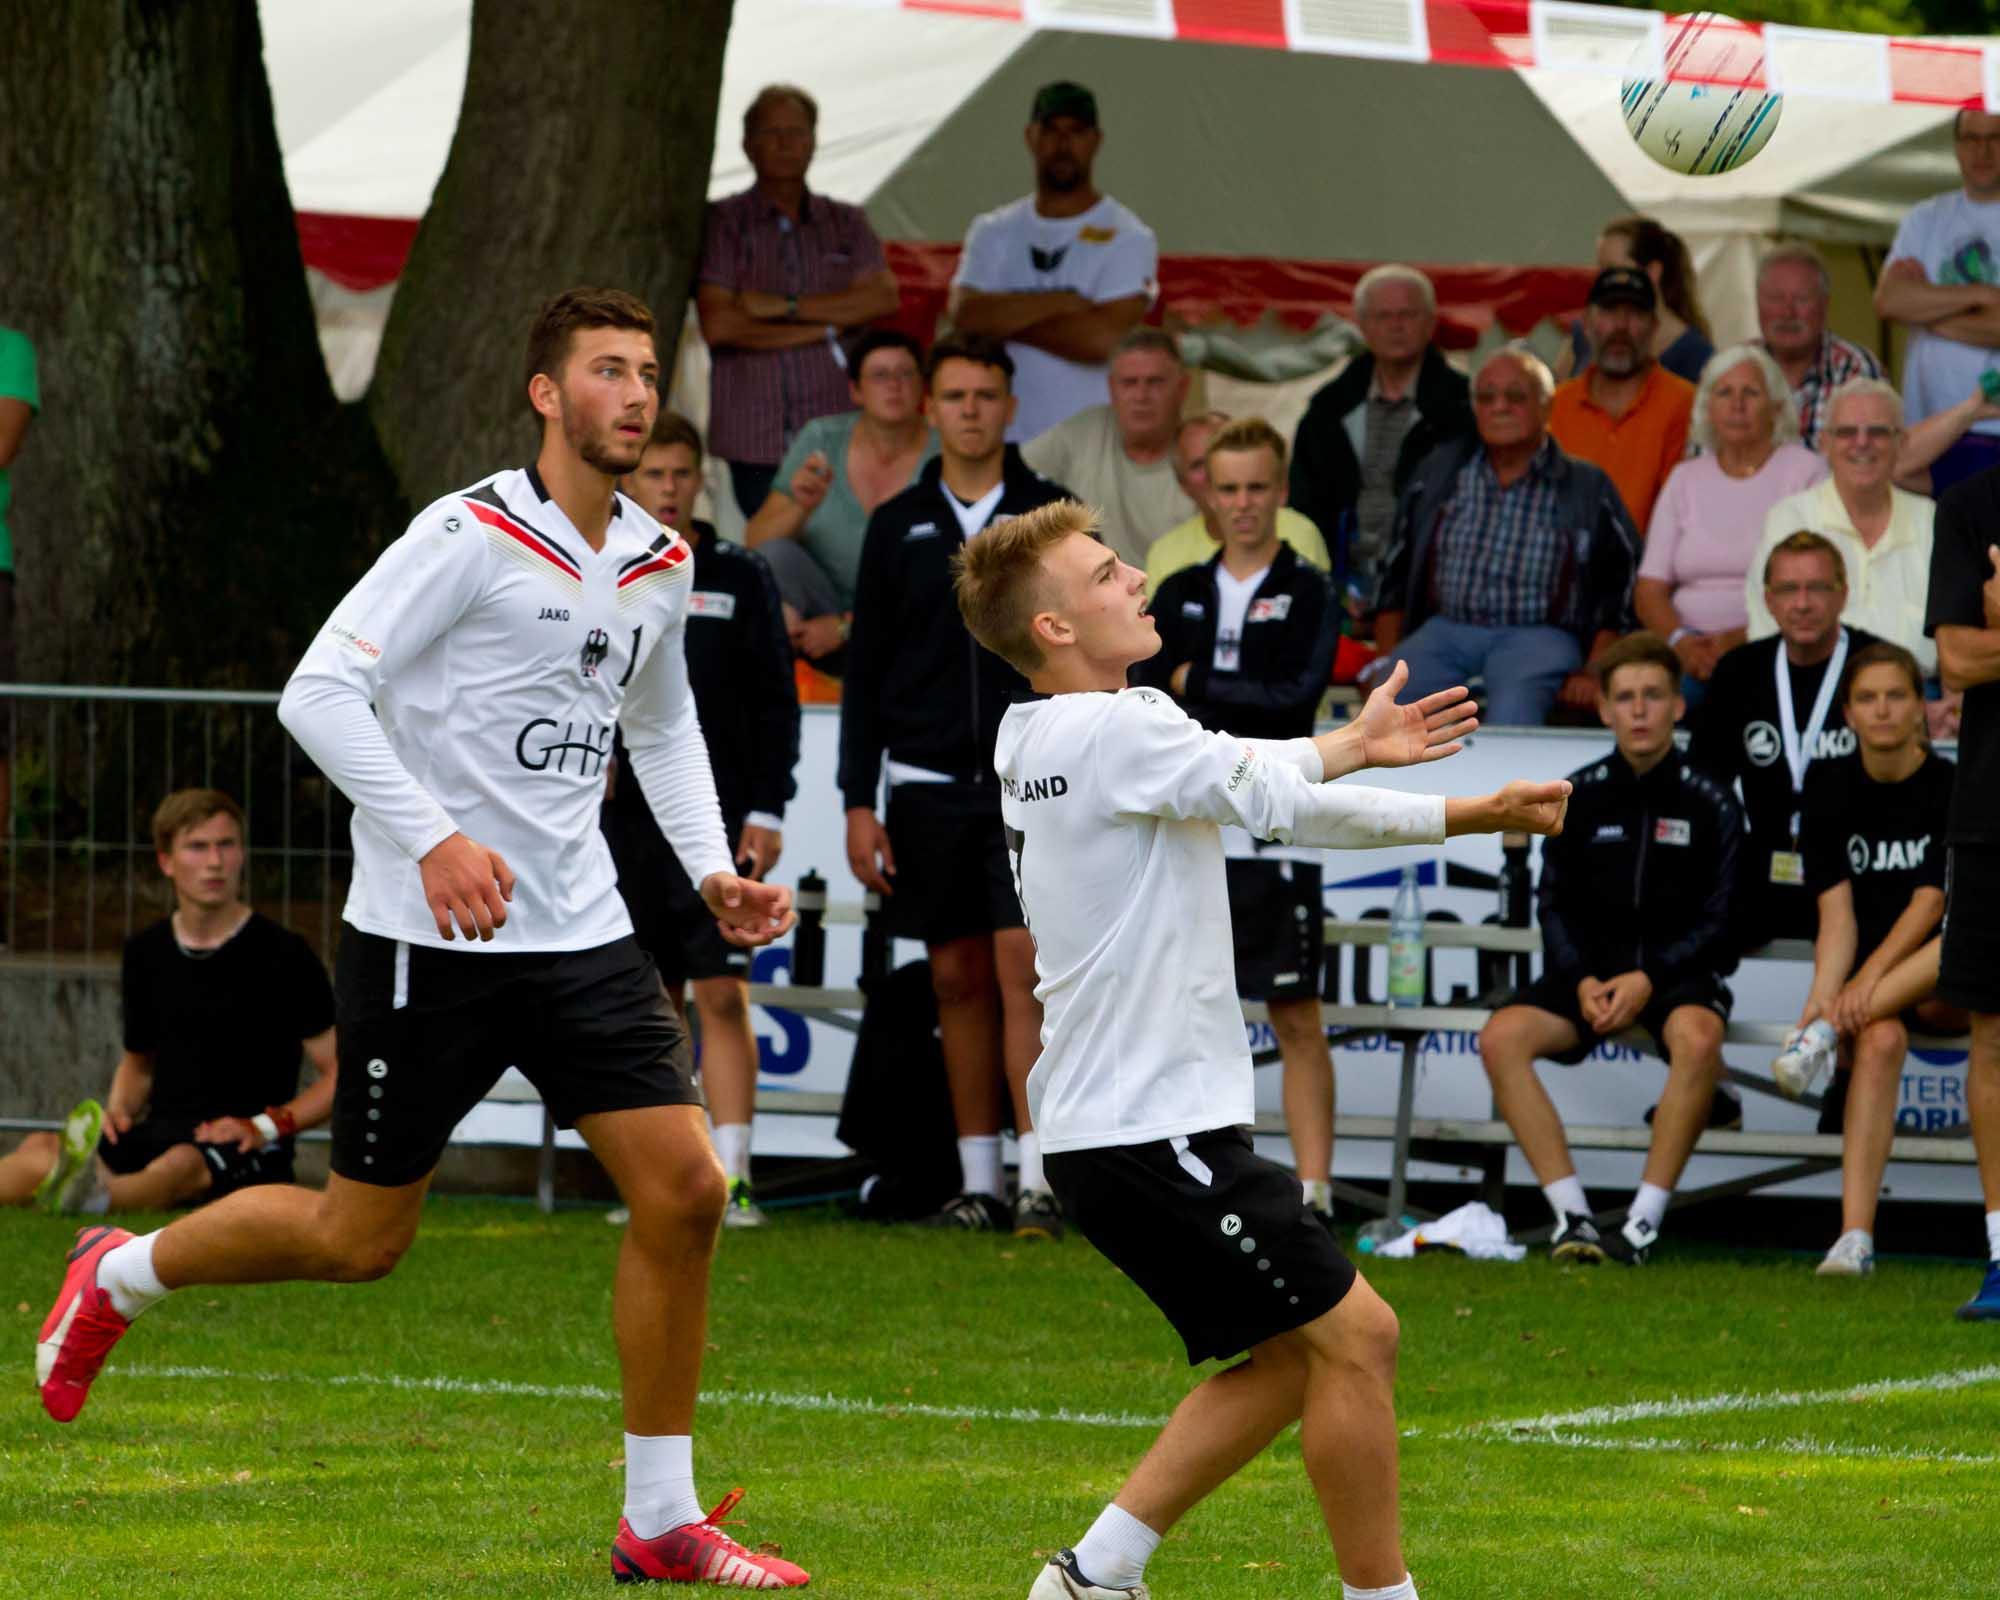 Deutschlands U18-Jungs treffen im Halbfinale auf Brasilien. (Foto: DFBL/Kadgien)